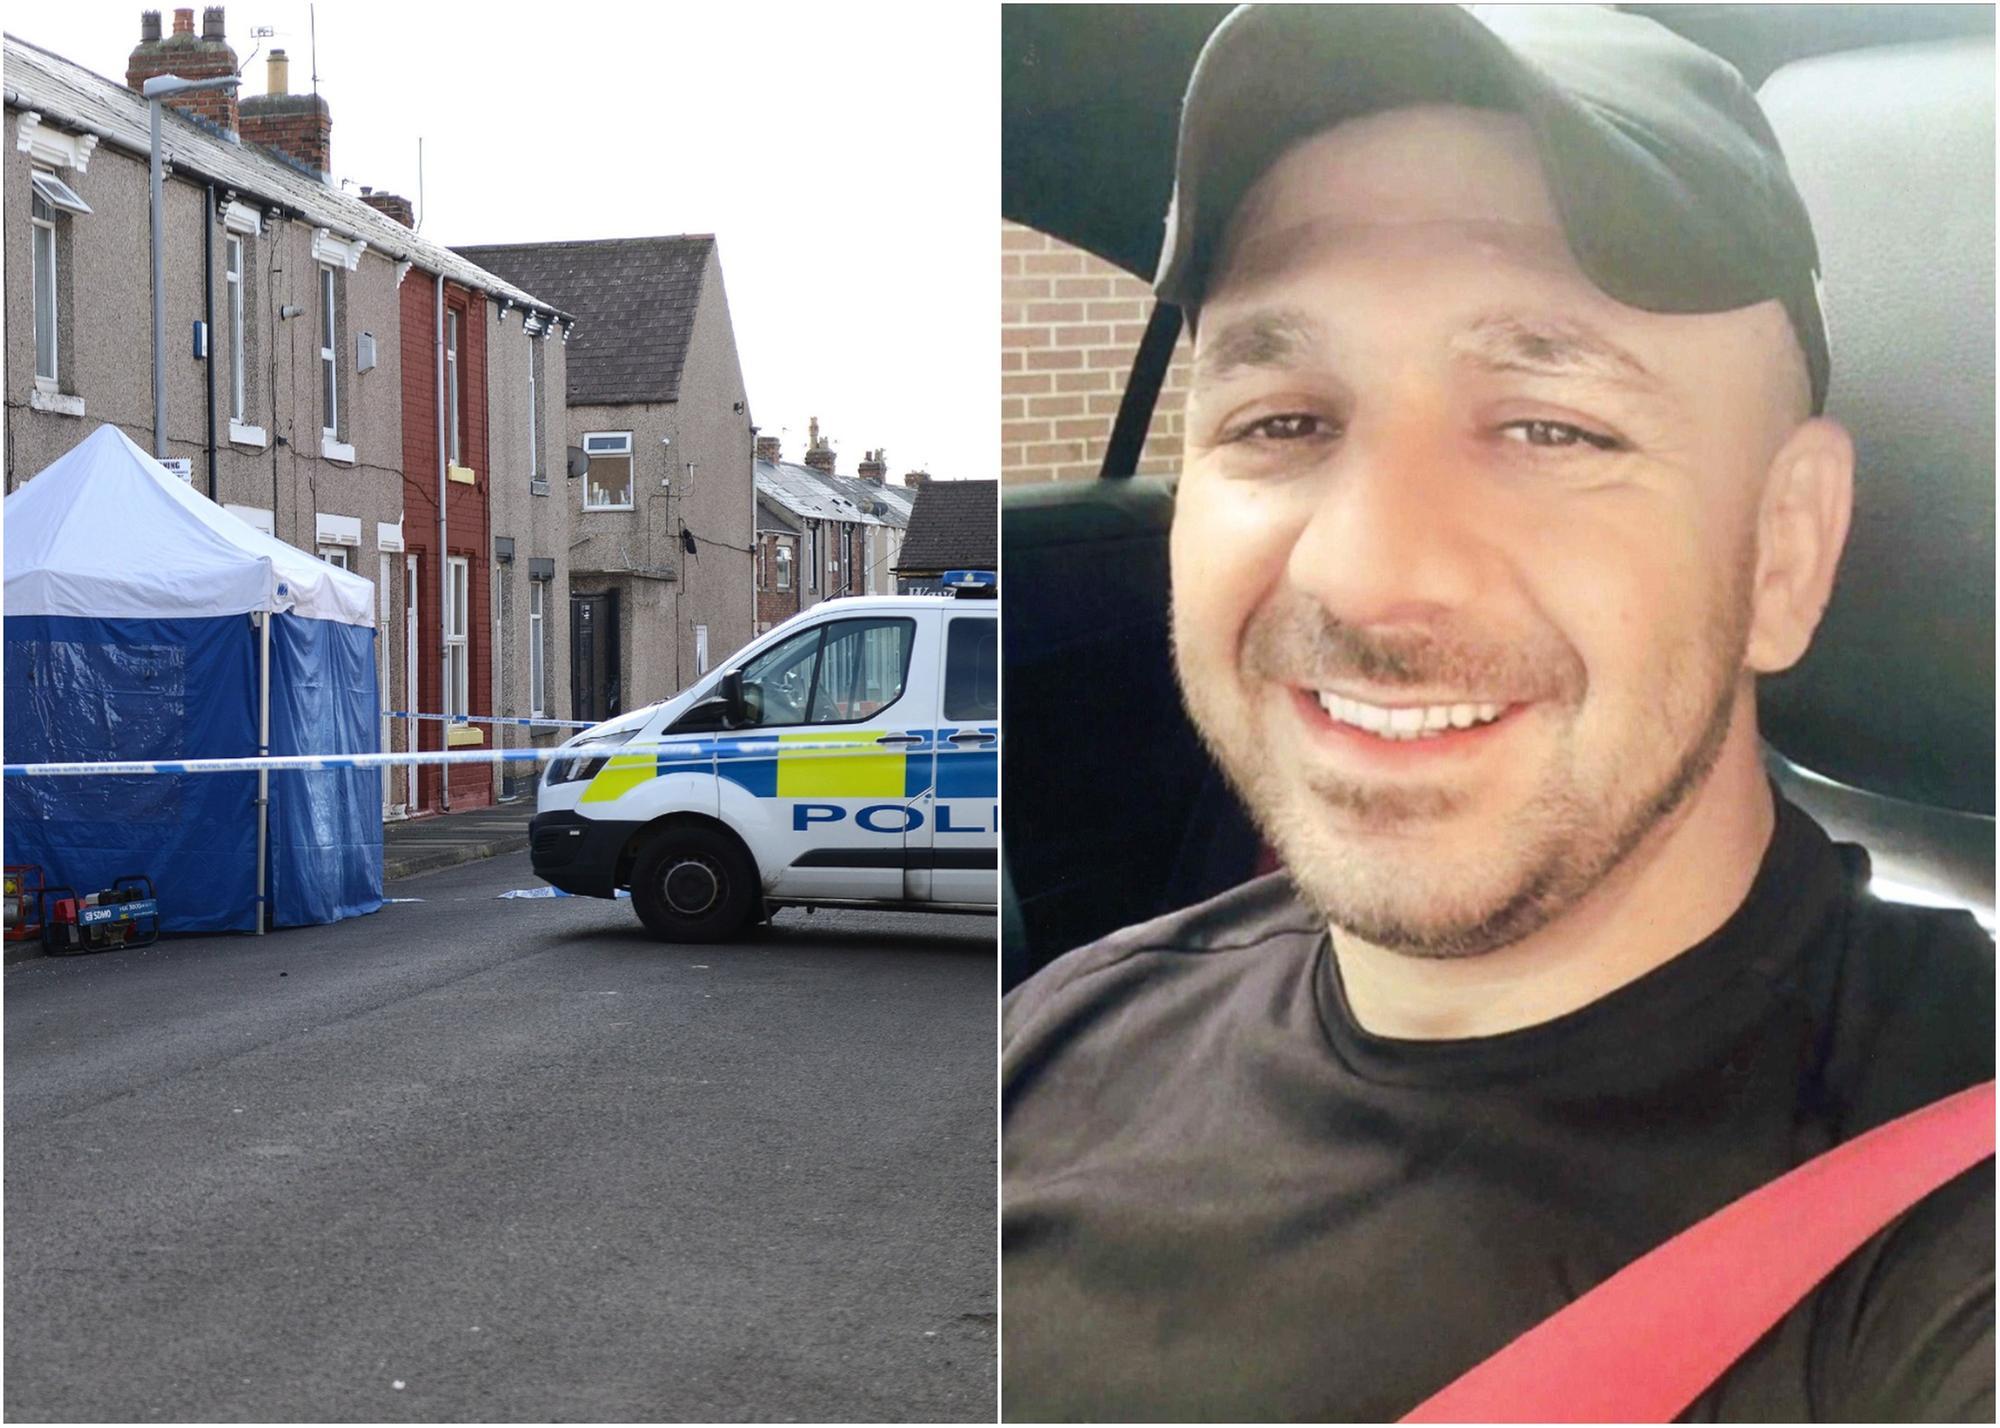 Çfarë zbuloi policia në telefonin e shqiptarit të akuzuar për vrasje në Angli